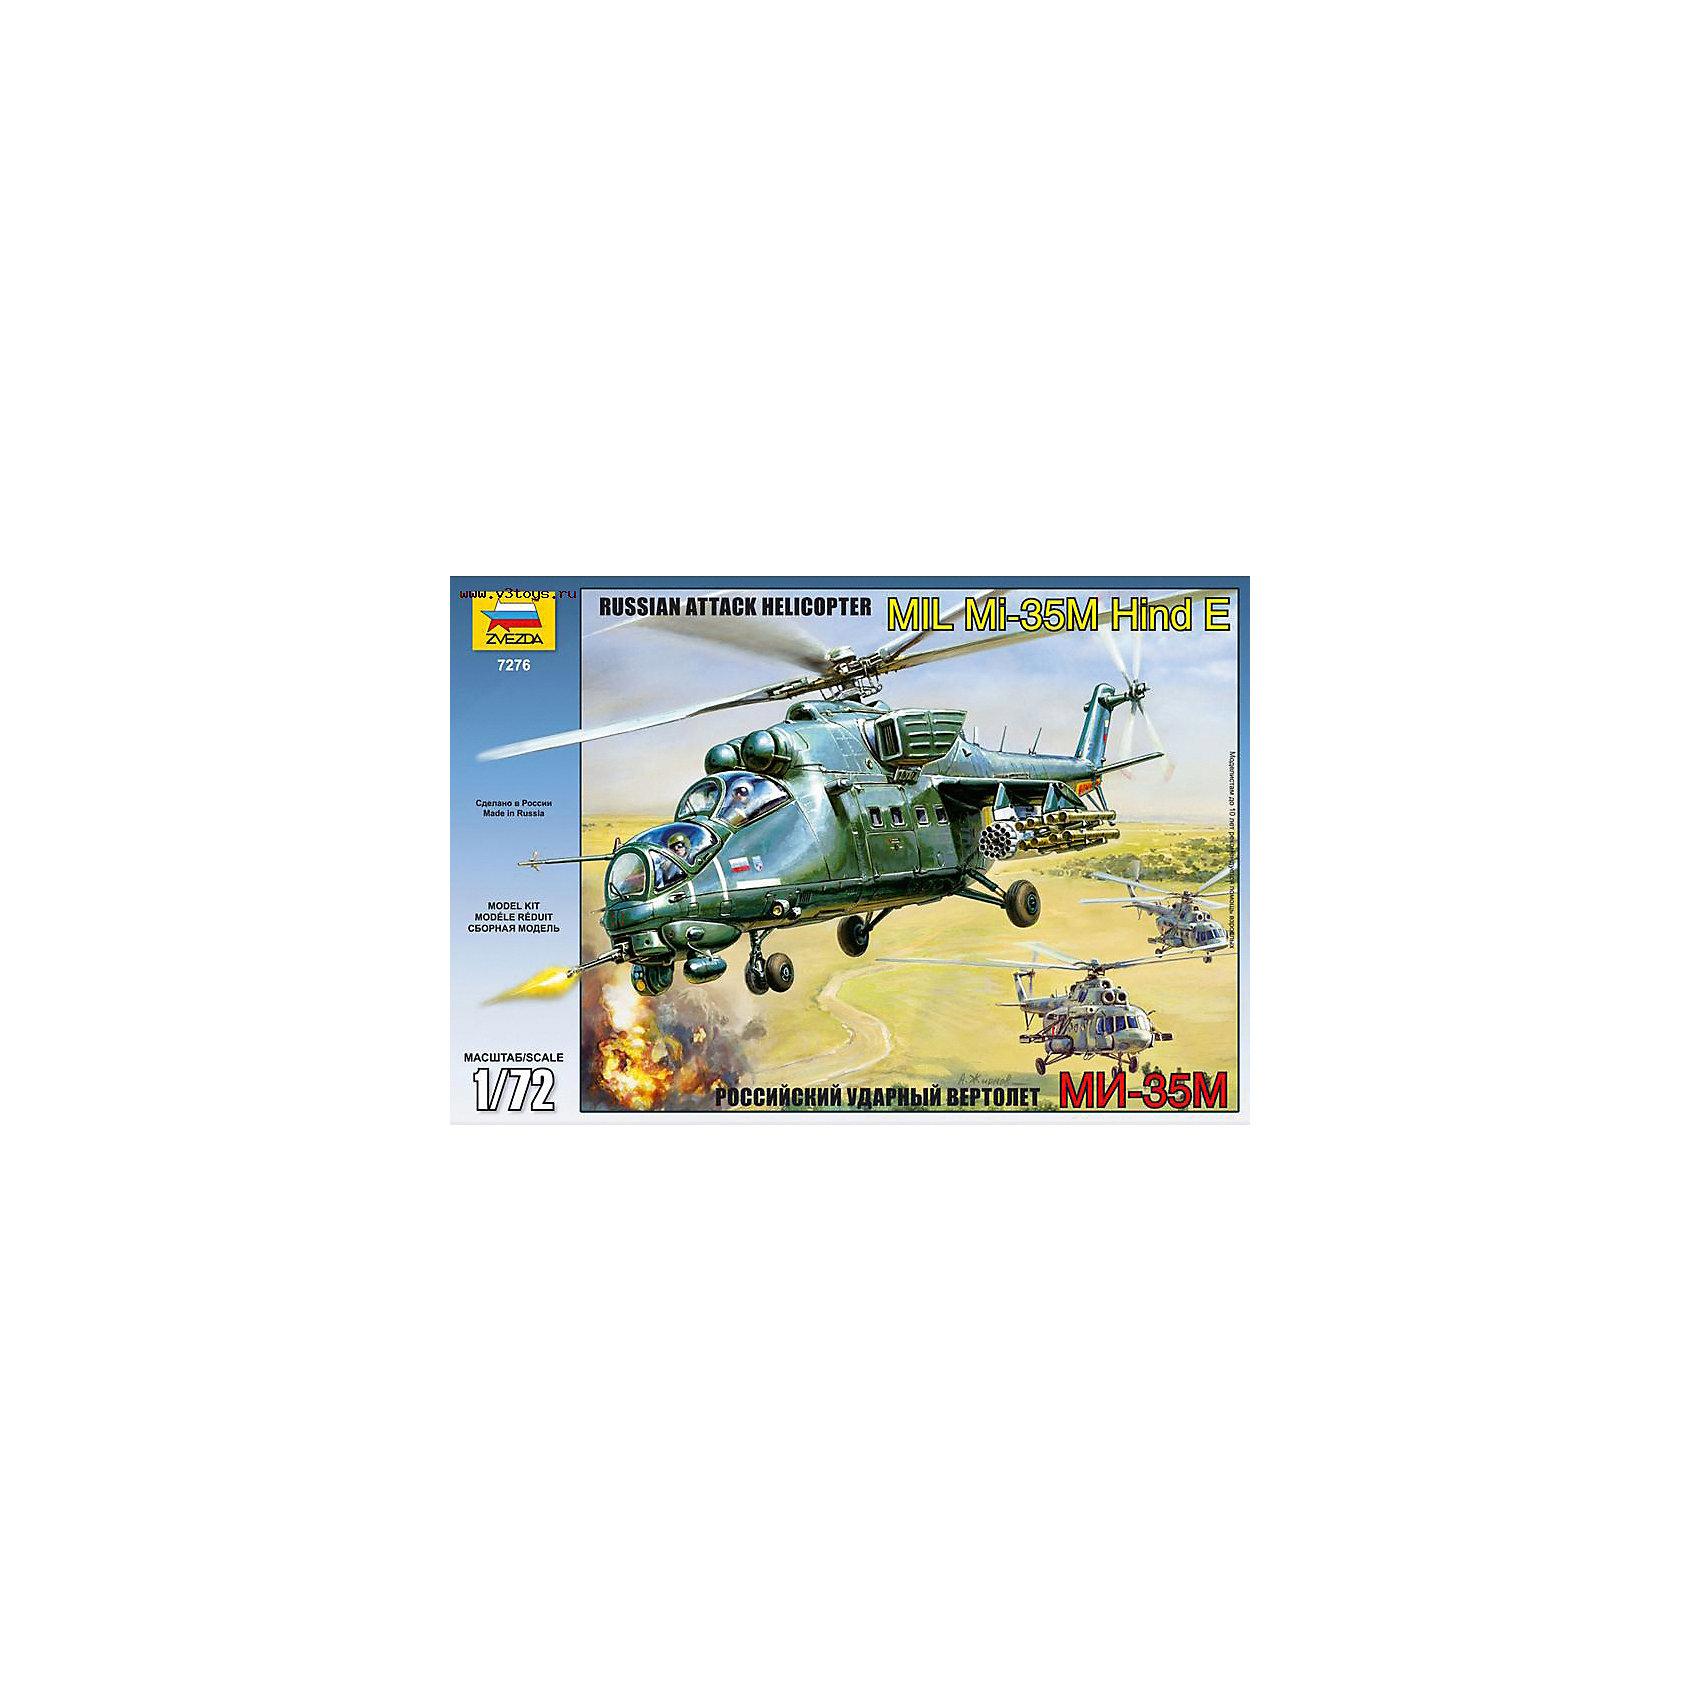 Сборная модель Звезда Вертолет Ми-35М, 1:72Модели для склеивания<br>Модель сборная Вертолет Ми-35М<br><br>Ширина мм: 304<br>Глубина мм: 50<br>Высота мм: 205<br>Вес г: 285<br>Возраст от месяцев: 36<br>Возраст до месяцев: 180<br>Пол: Мужской<br>Возраст: Детский<br>SKU: 7086545